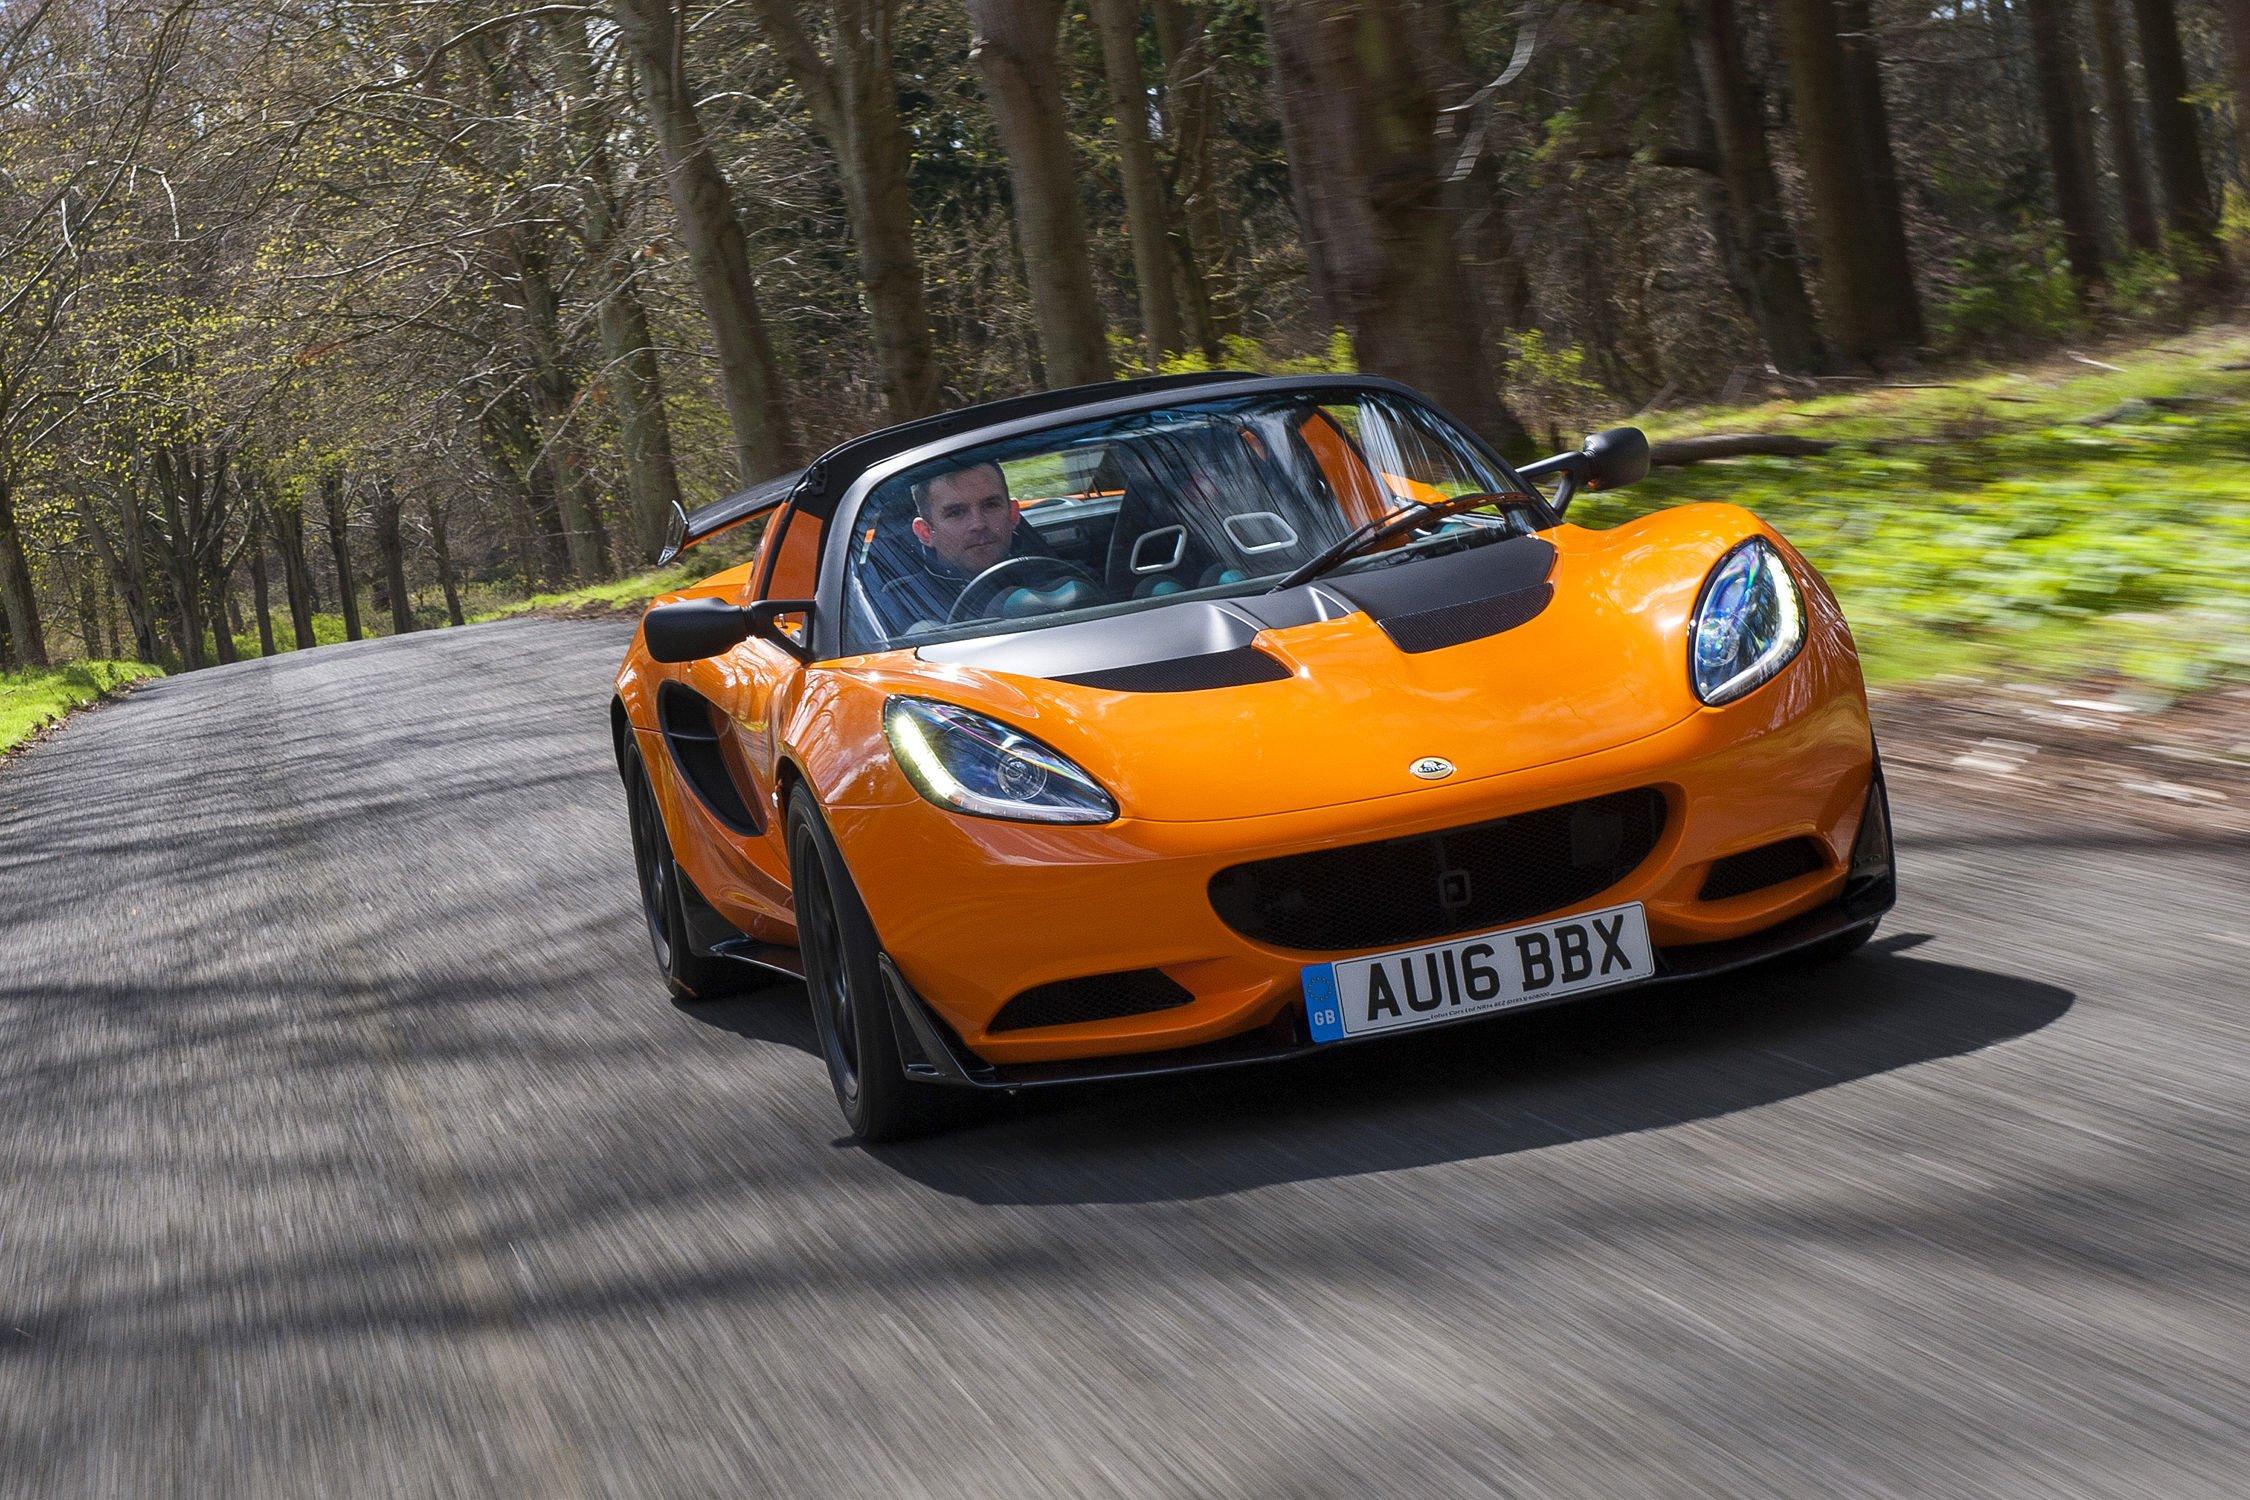 La Nouvelle Lotus Elise Arrivera En 2020 Actualite Automobile